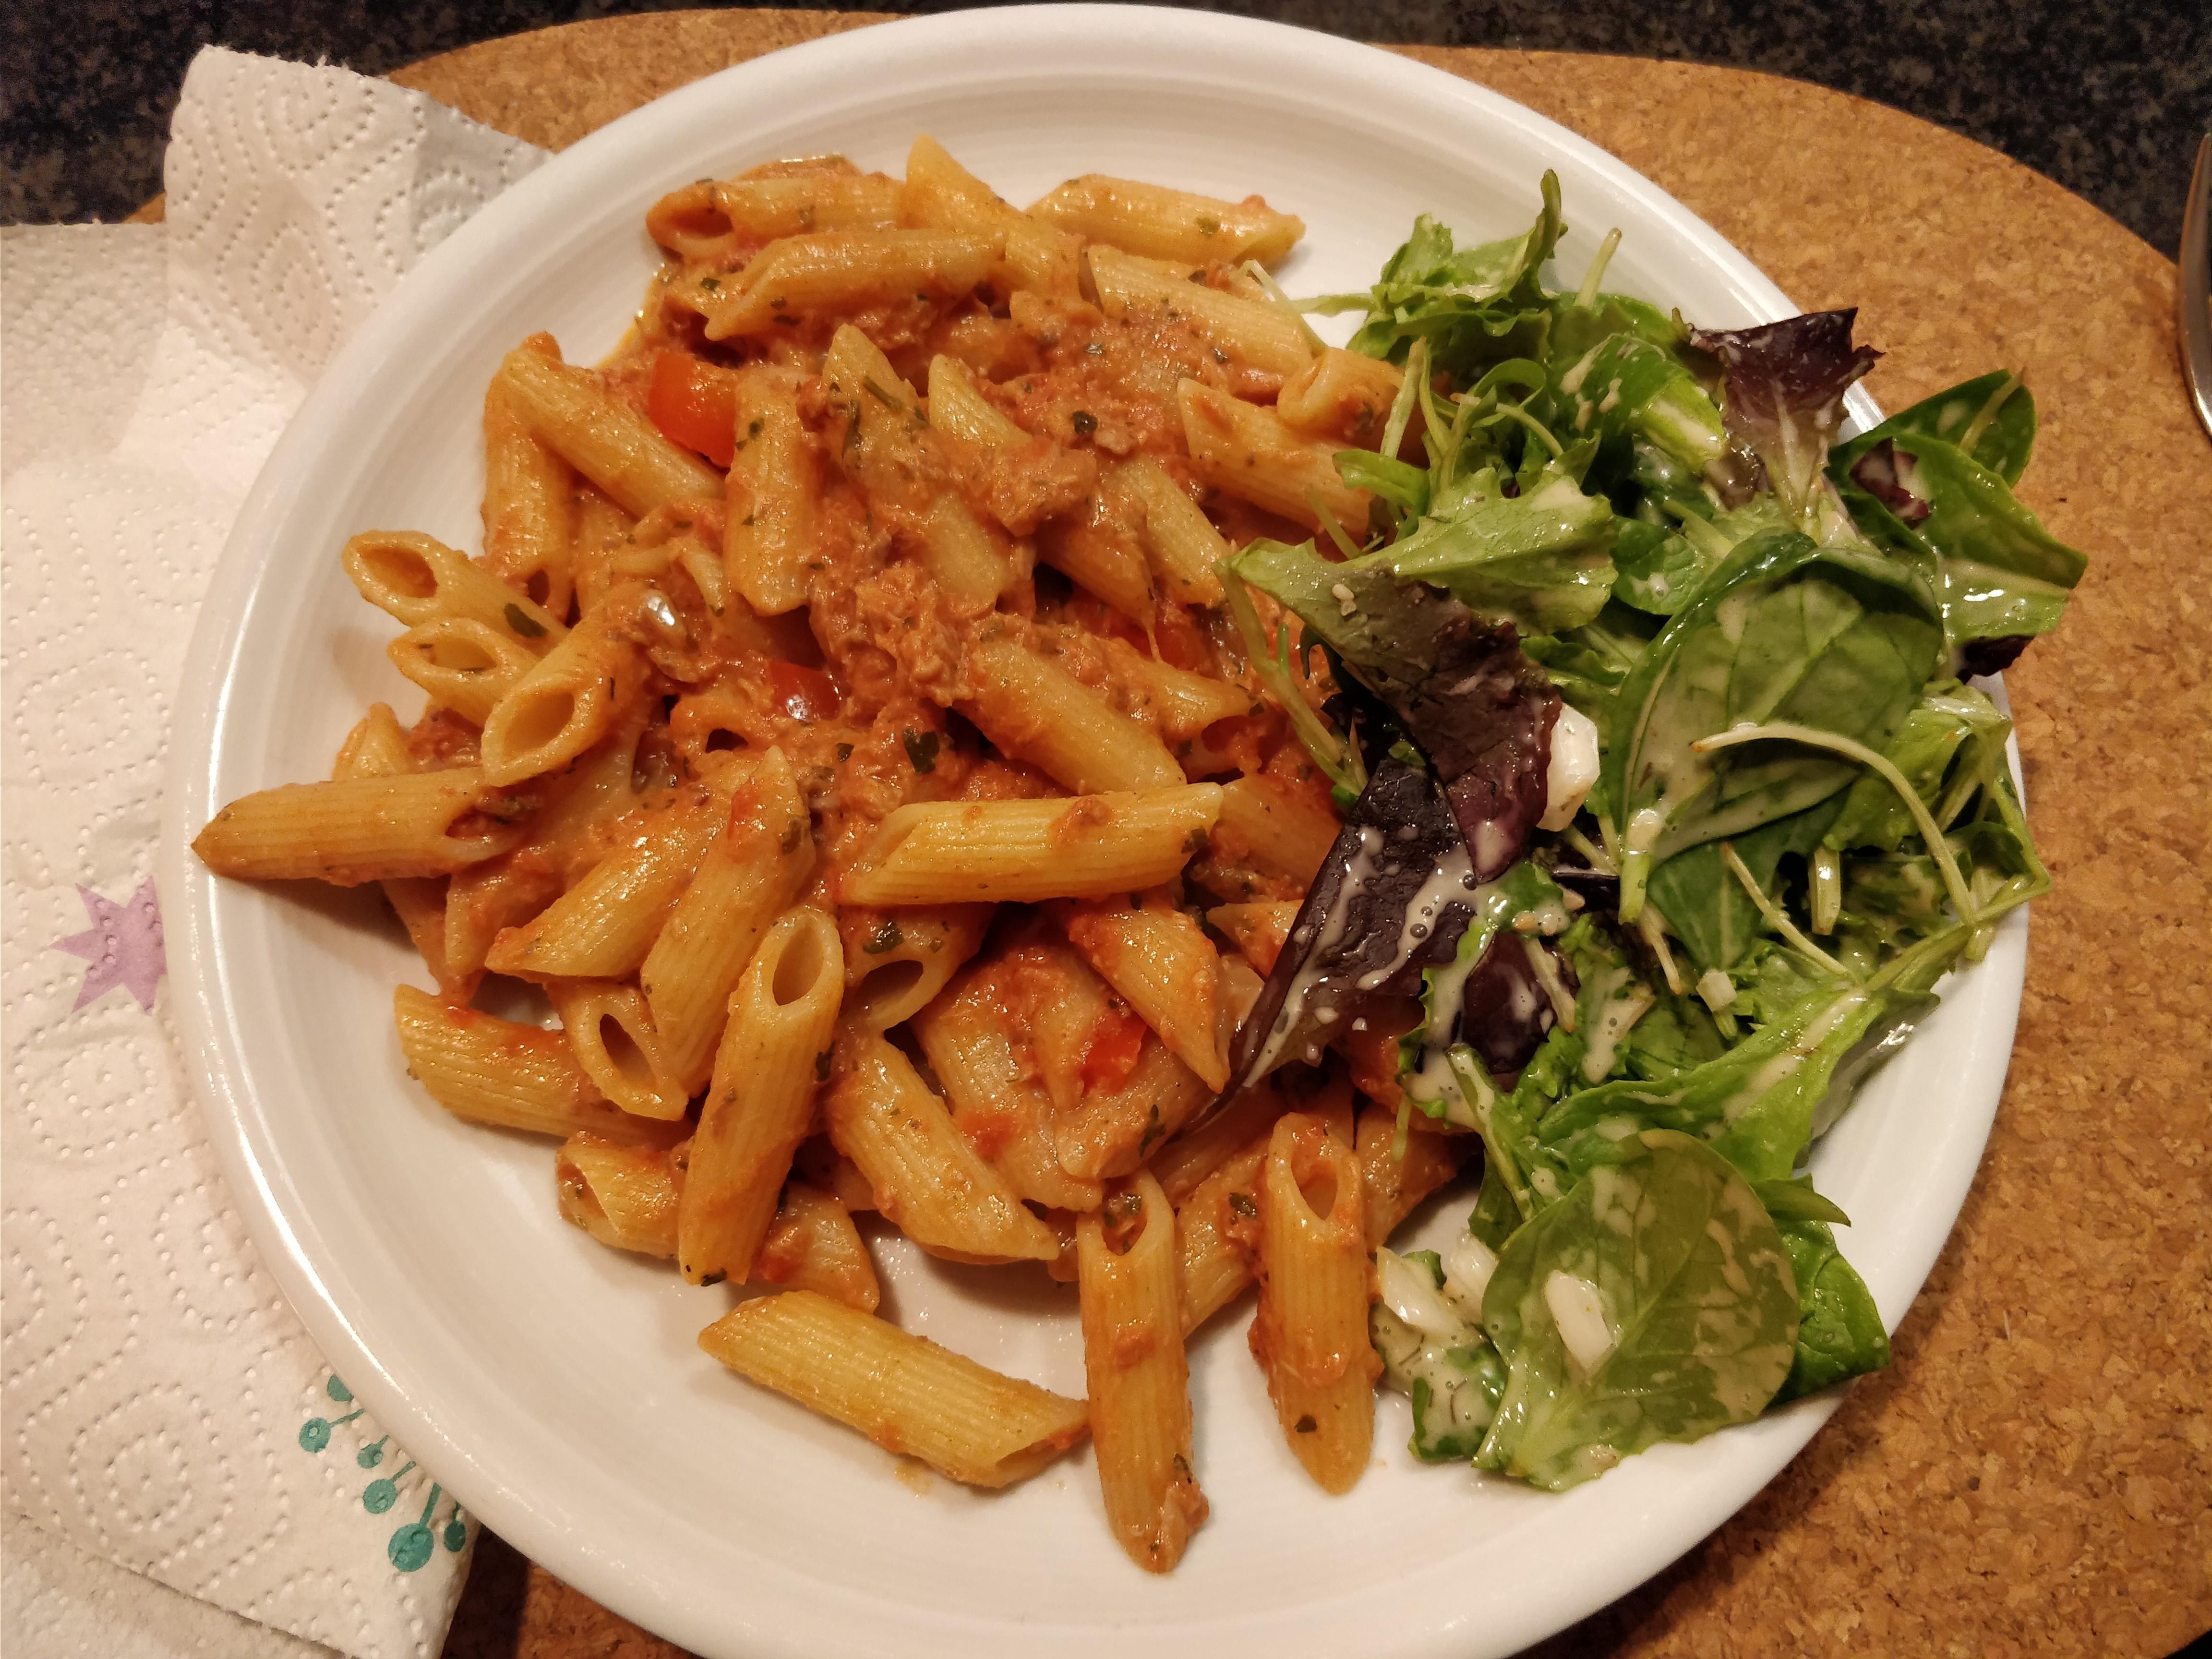 https://foodloader.net/nico_2017-12-02_penne-mit-thunfisch-sauce-und-salat.jpg